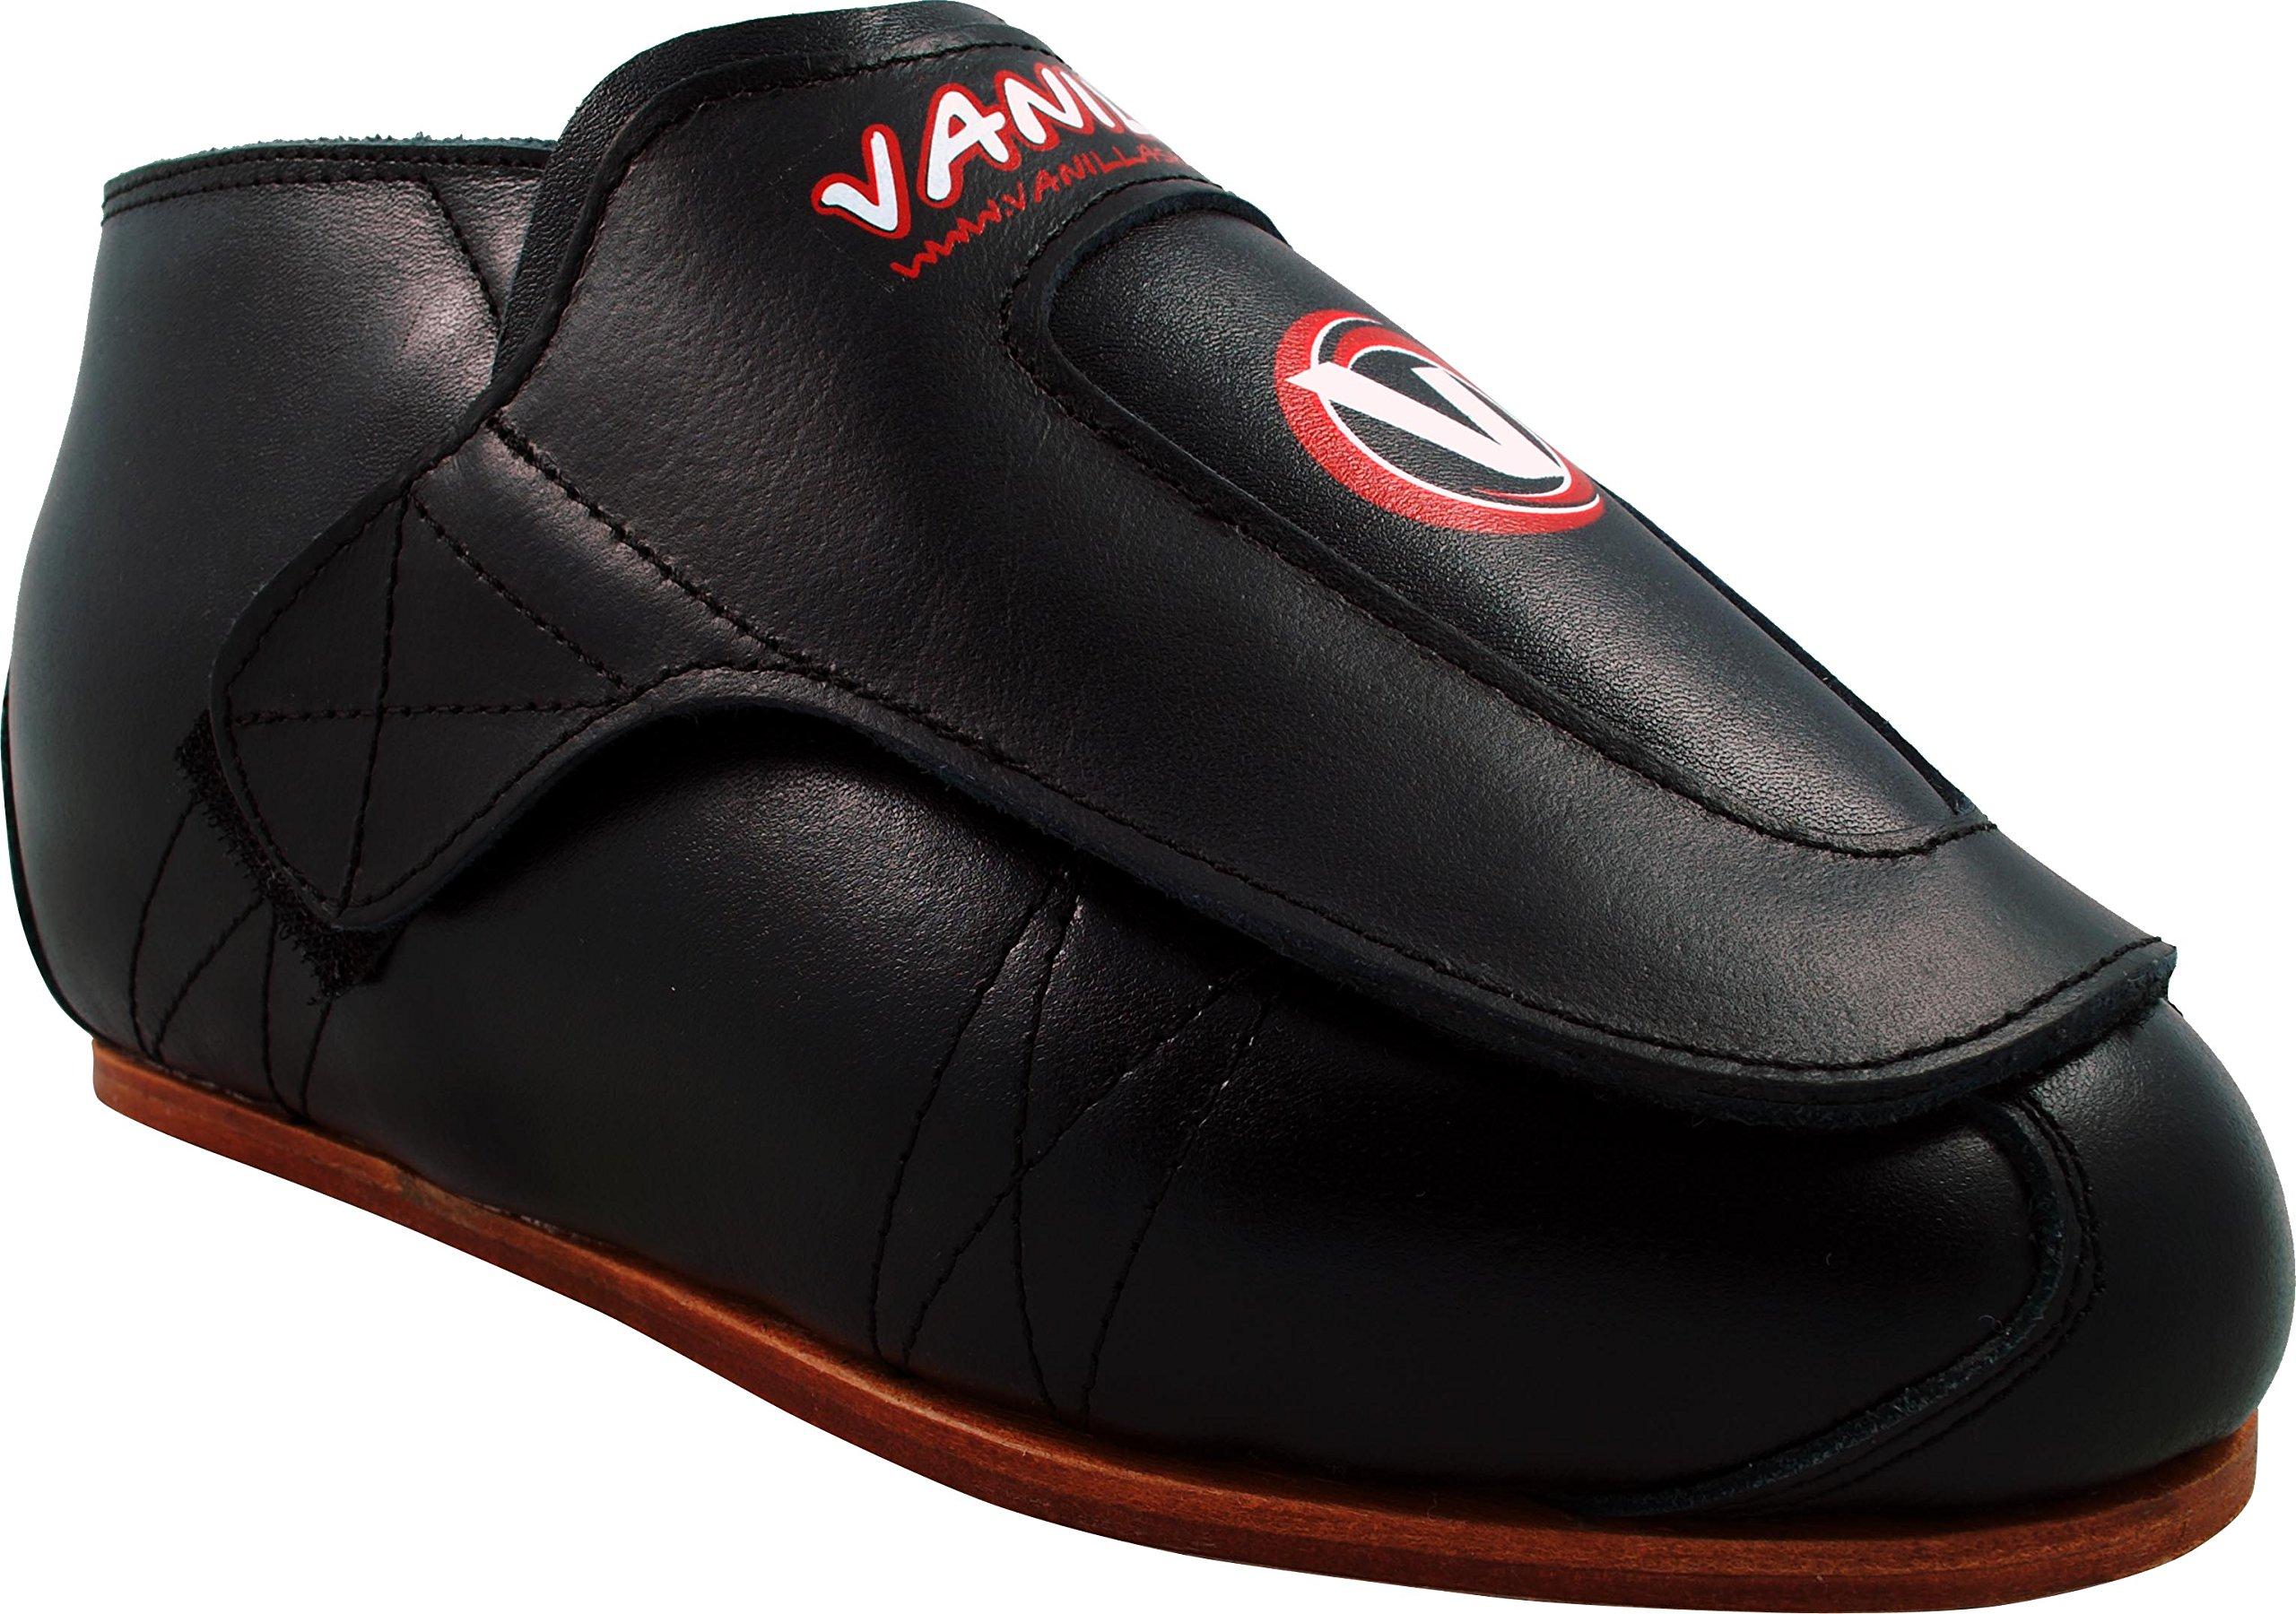 VNLA Freestyle Roller Skate Boots